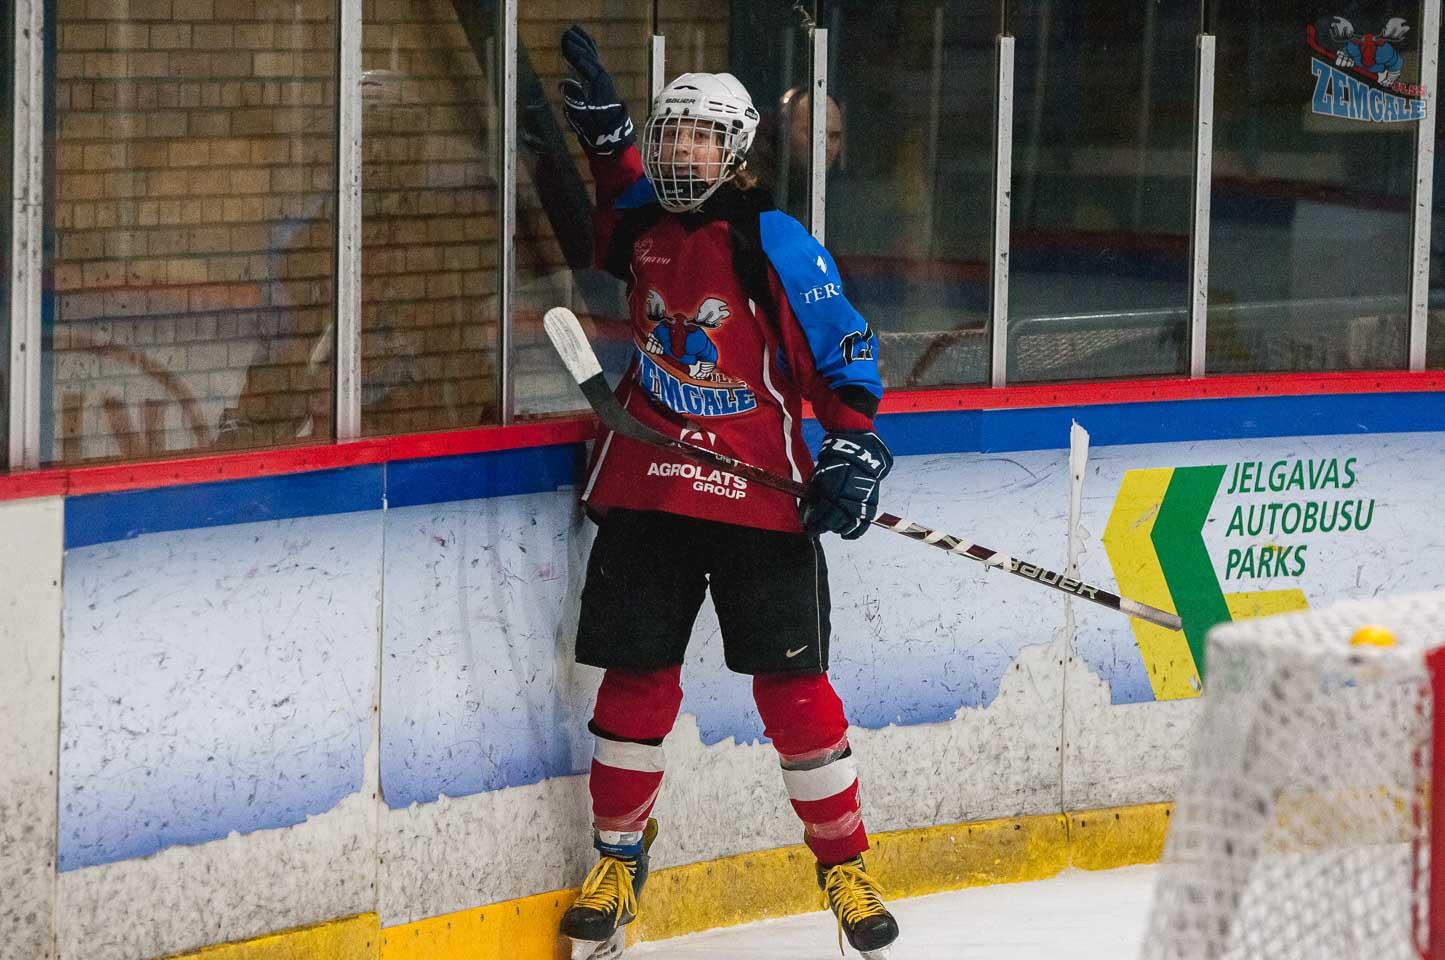 Hokeja uzbrucējs sit ar roku par stiklu, svinot gūtos vārtus